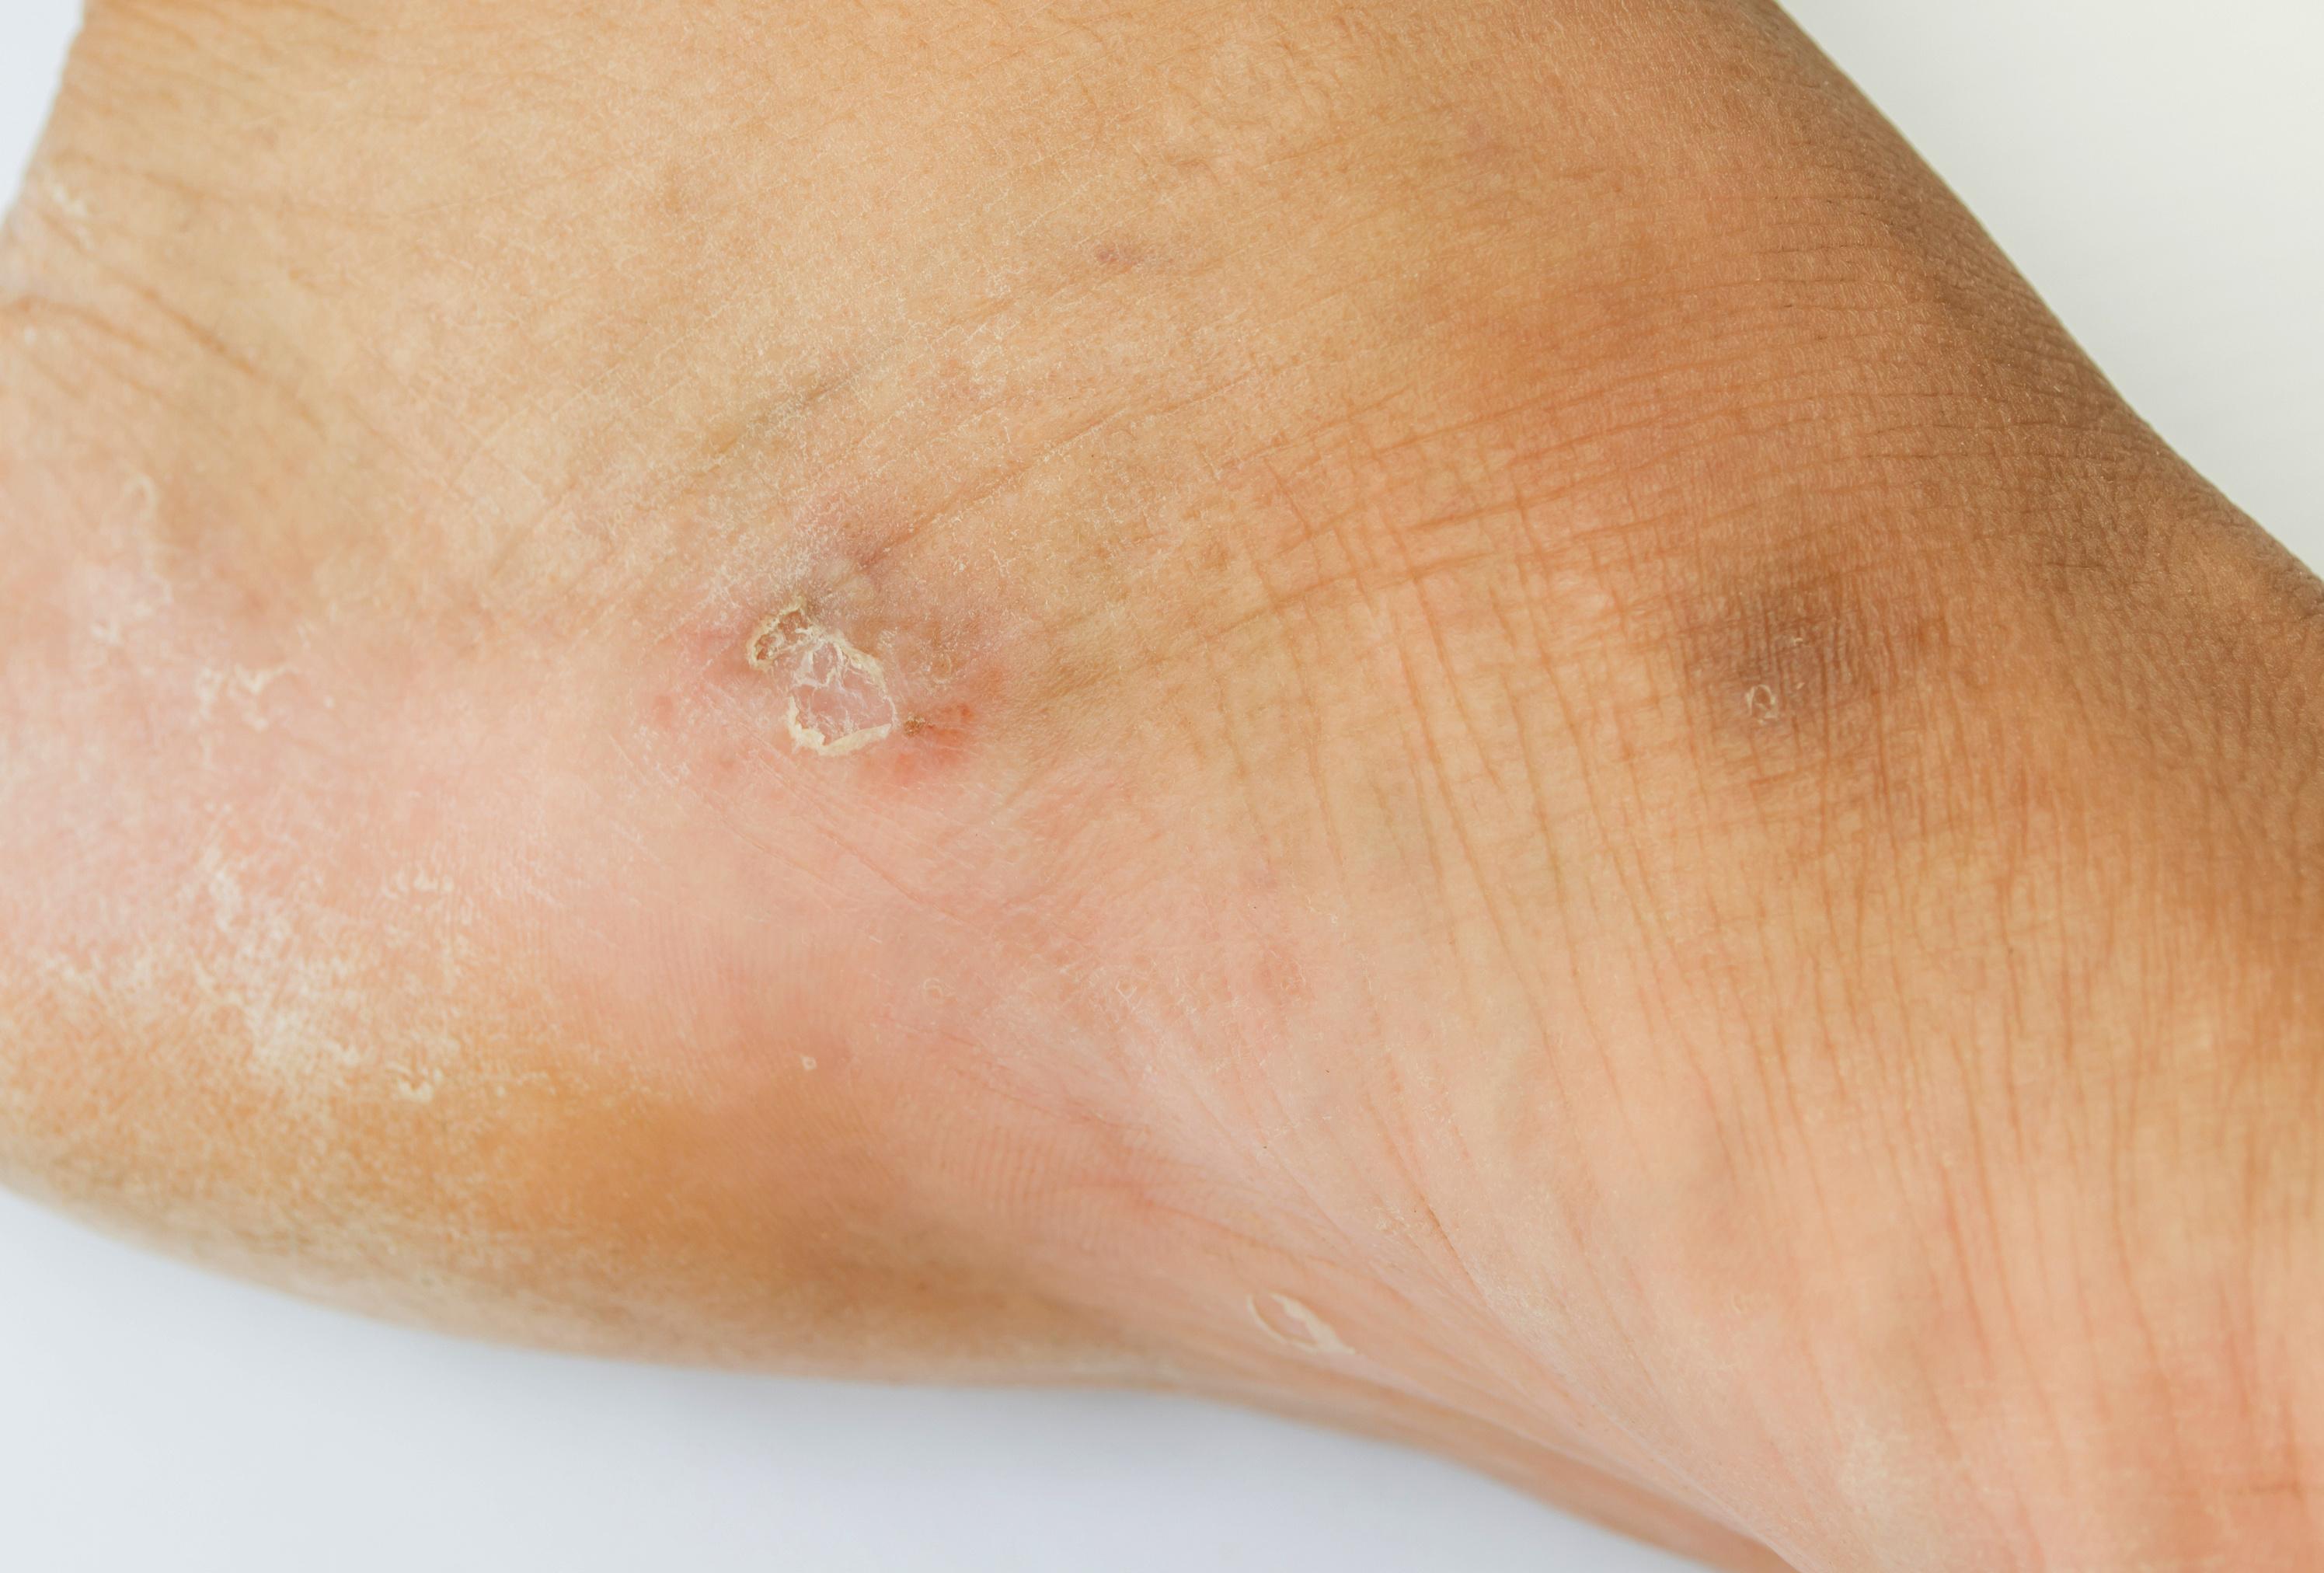 fertőzés a lábán vörös foltok)